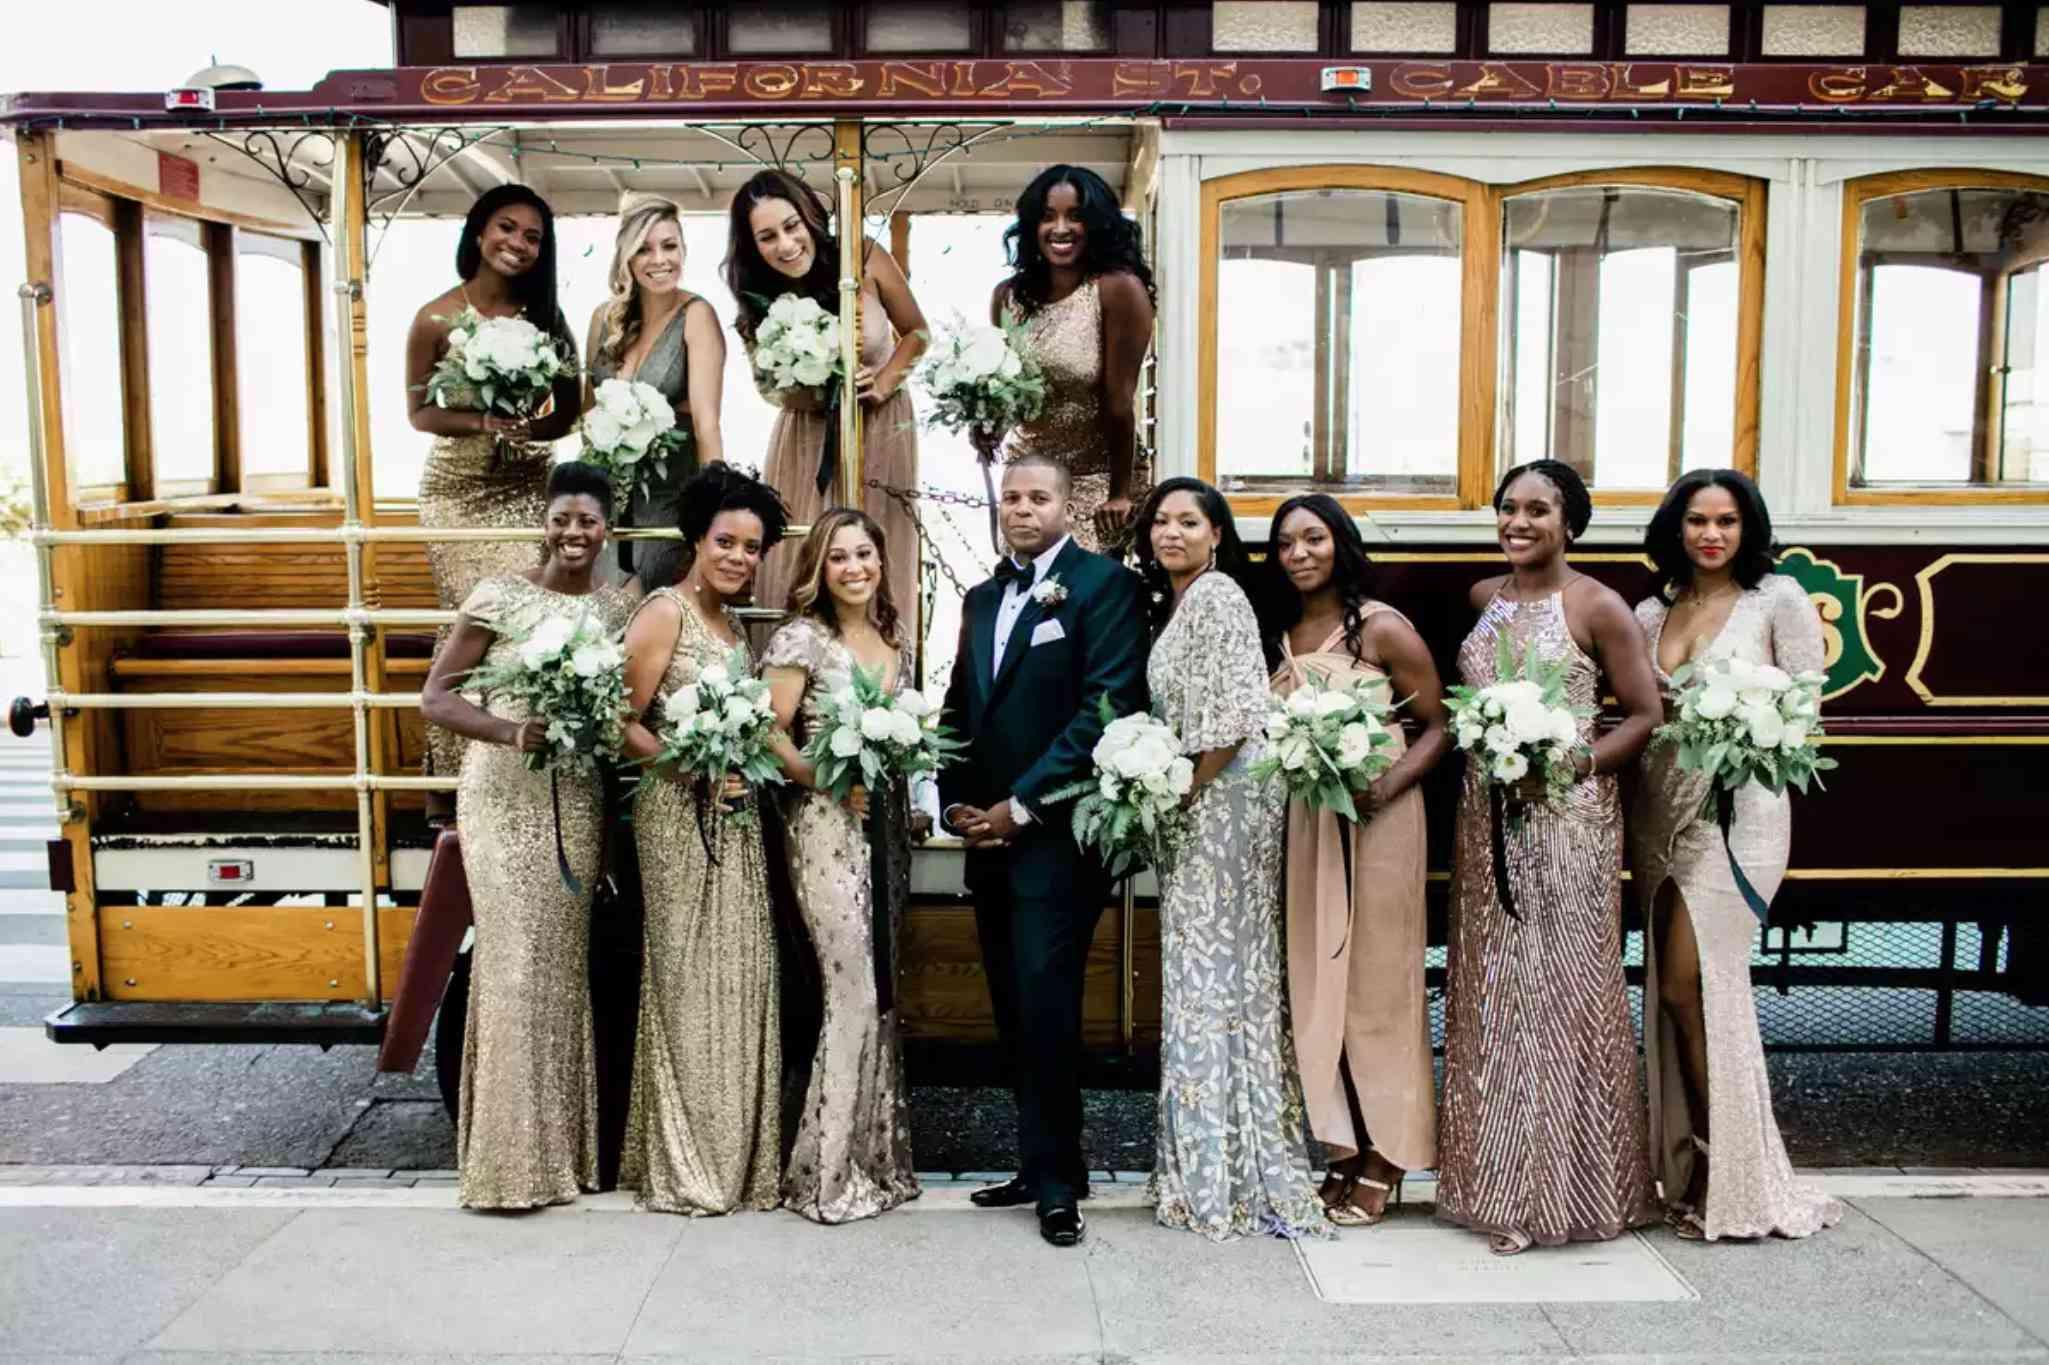 Mixed metallic bridesmaids dresses